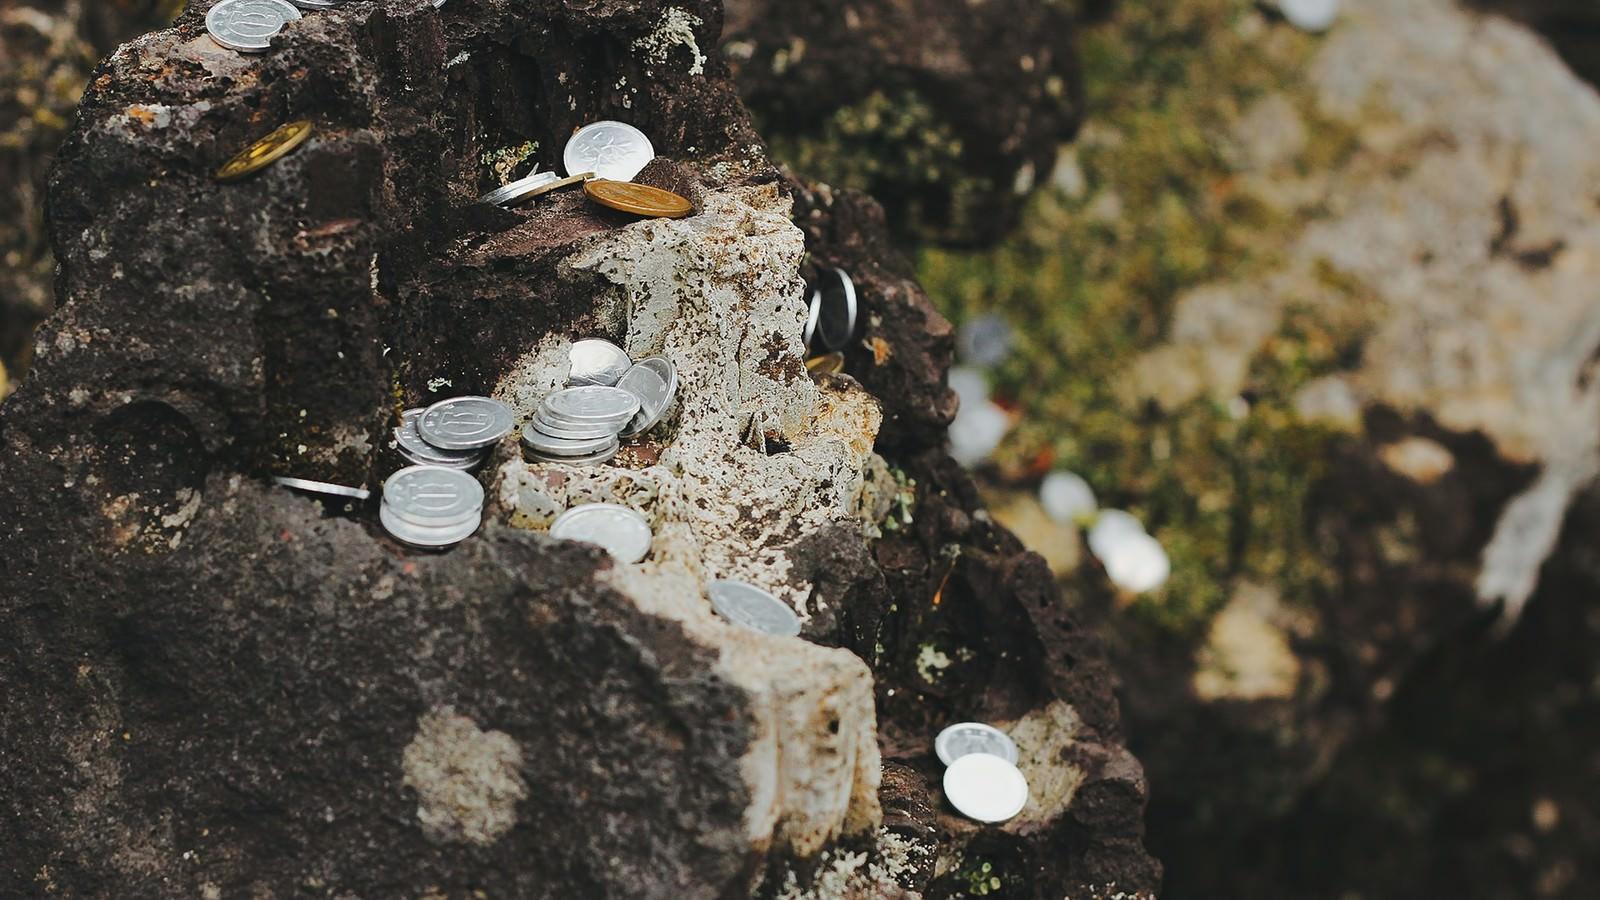 「岩場に置かれた小銭」の写真